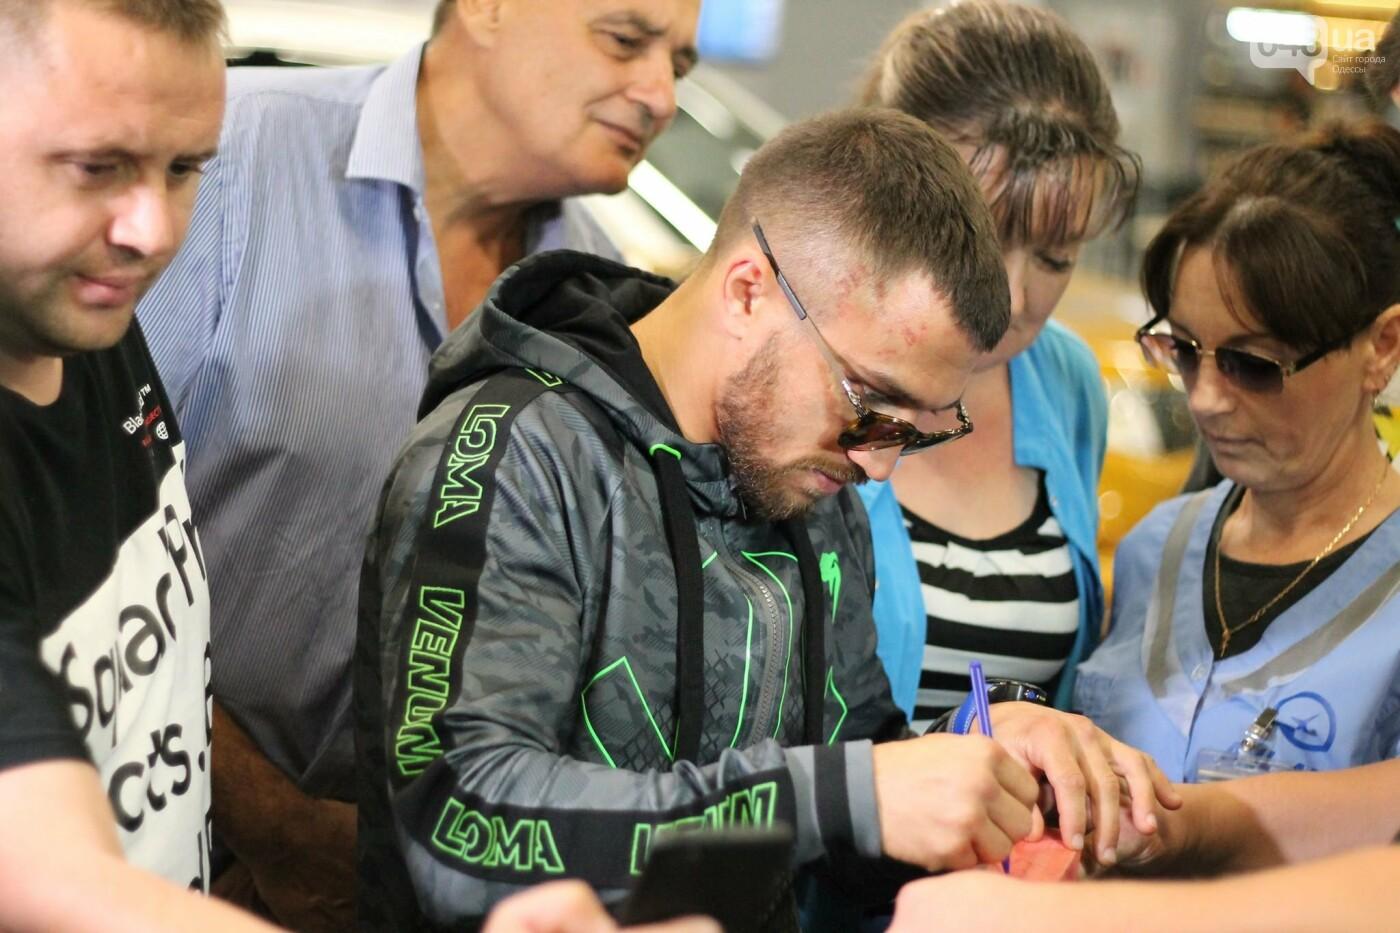 Василий Ломаченко прилетел в Одессу: как встречали боксера в аэропорту, - ФОТО, ВИДЕО, фото-2